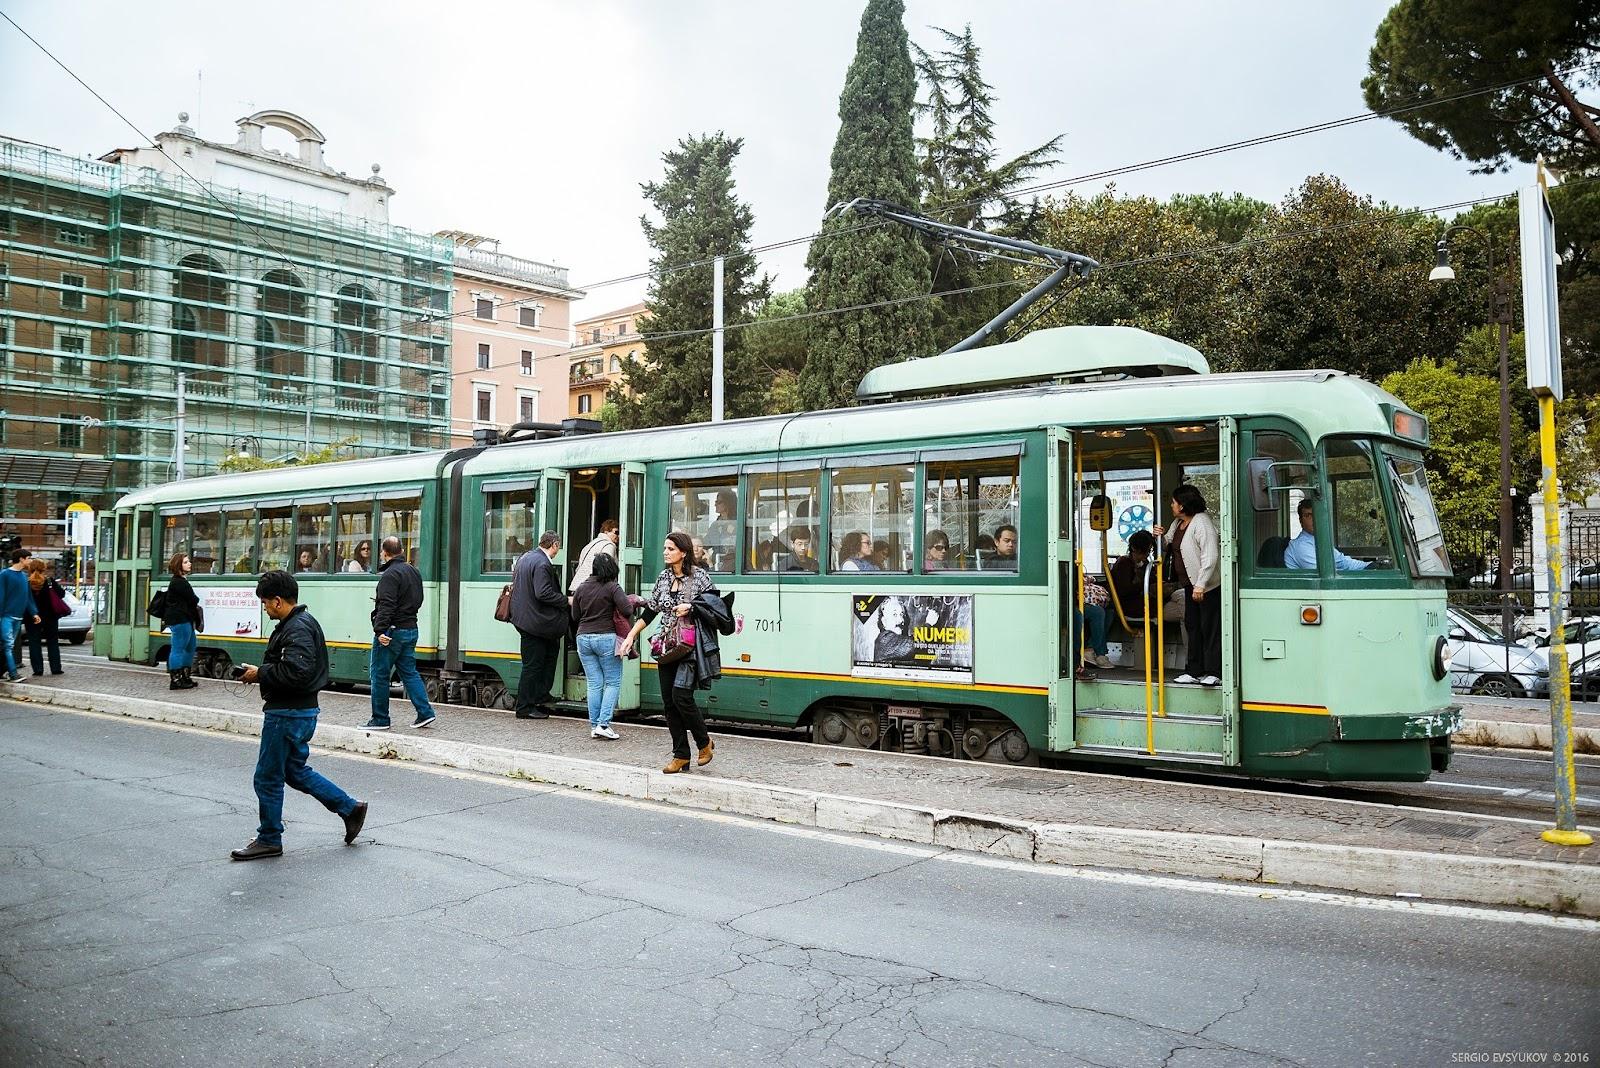 Rome tram Via Flaminia